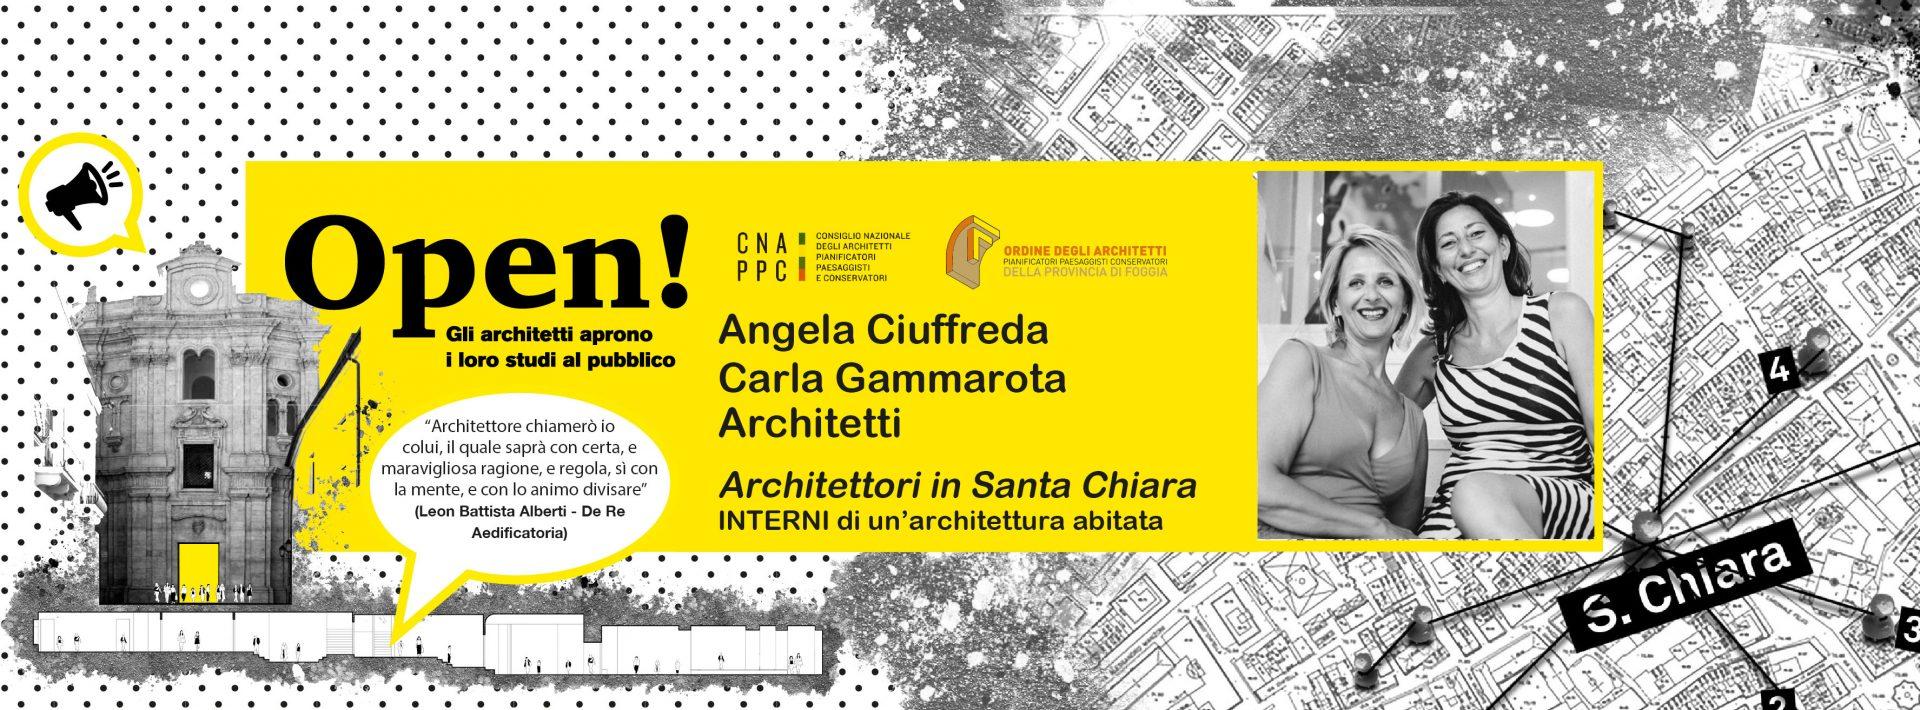 foto architetti con luogo evento